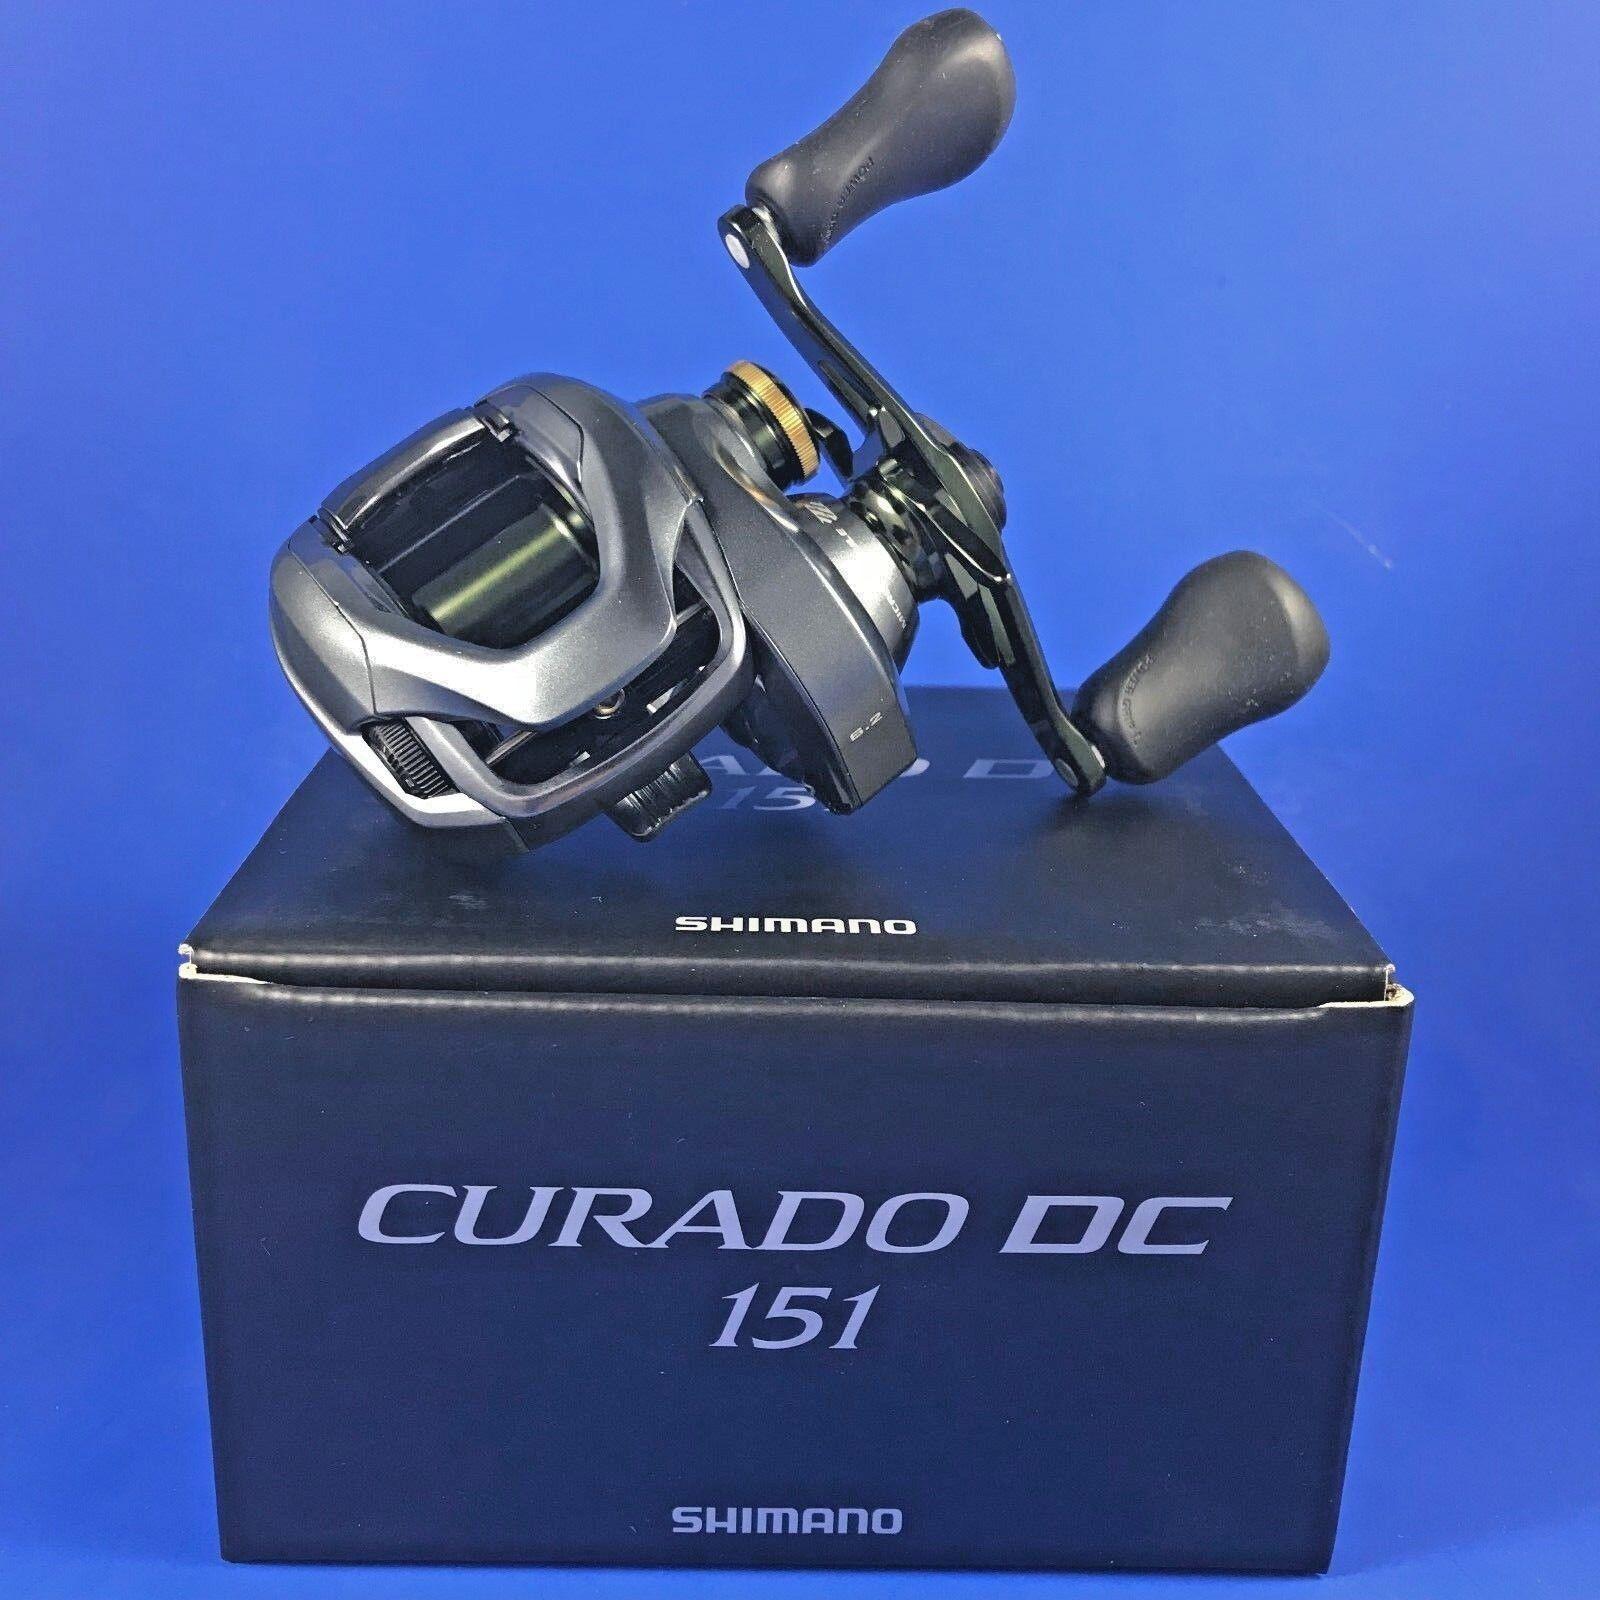 Shimano Curado DC 151 // CUDC151 Reel // Baitcasting Reel CUDC151 (Left Hand) NEW 2018 Model 40fa9c